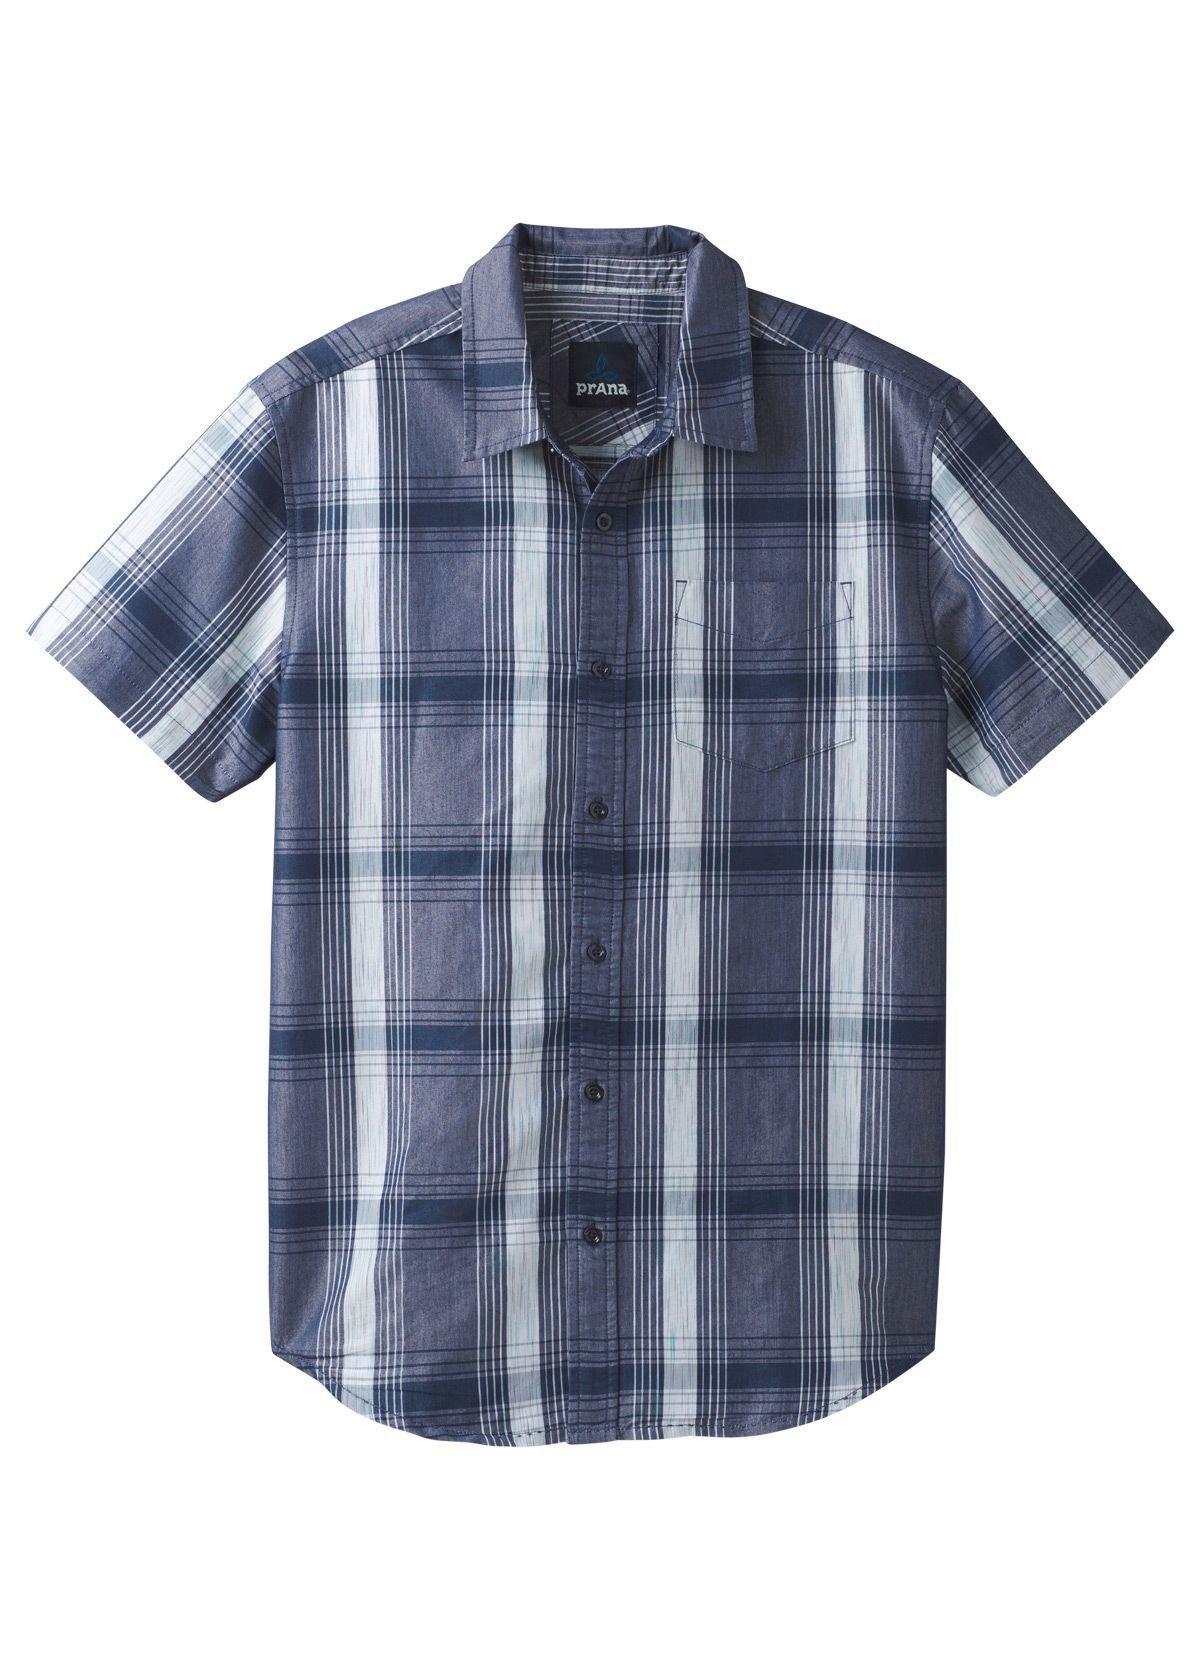 prAna Tamrack Shirt